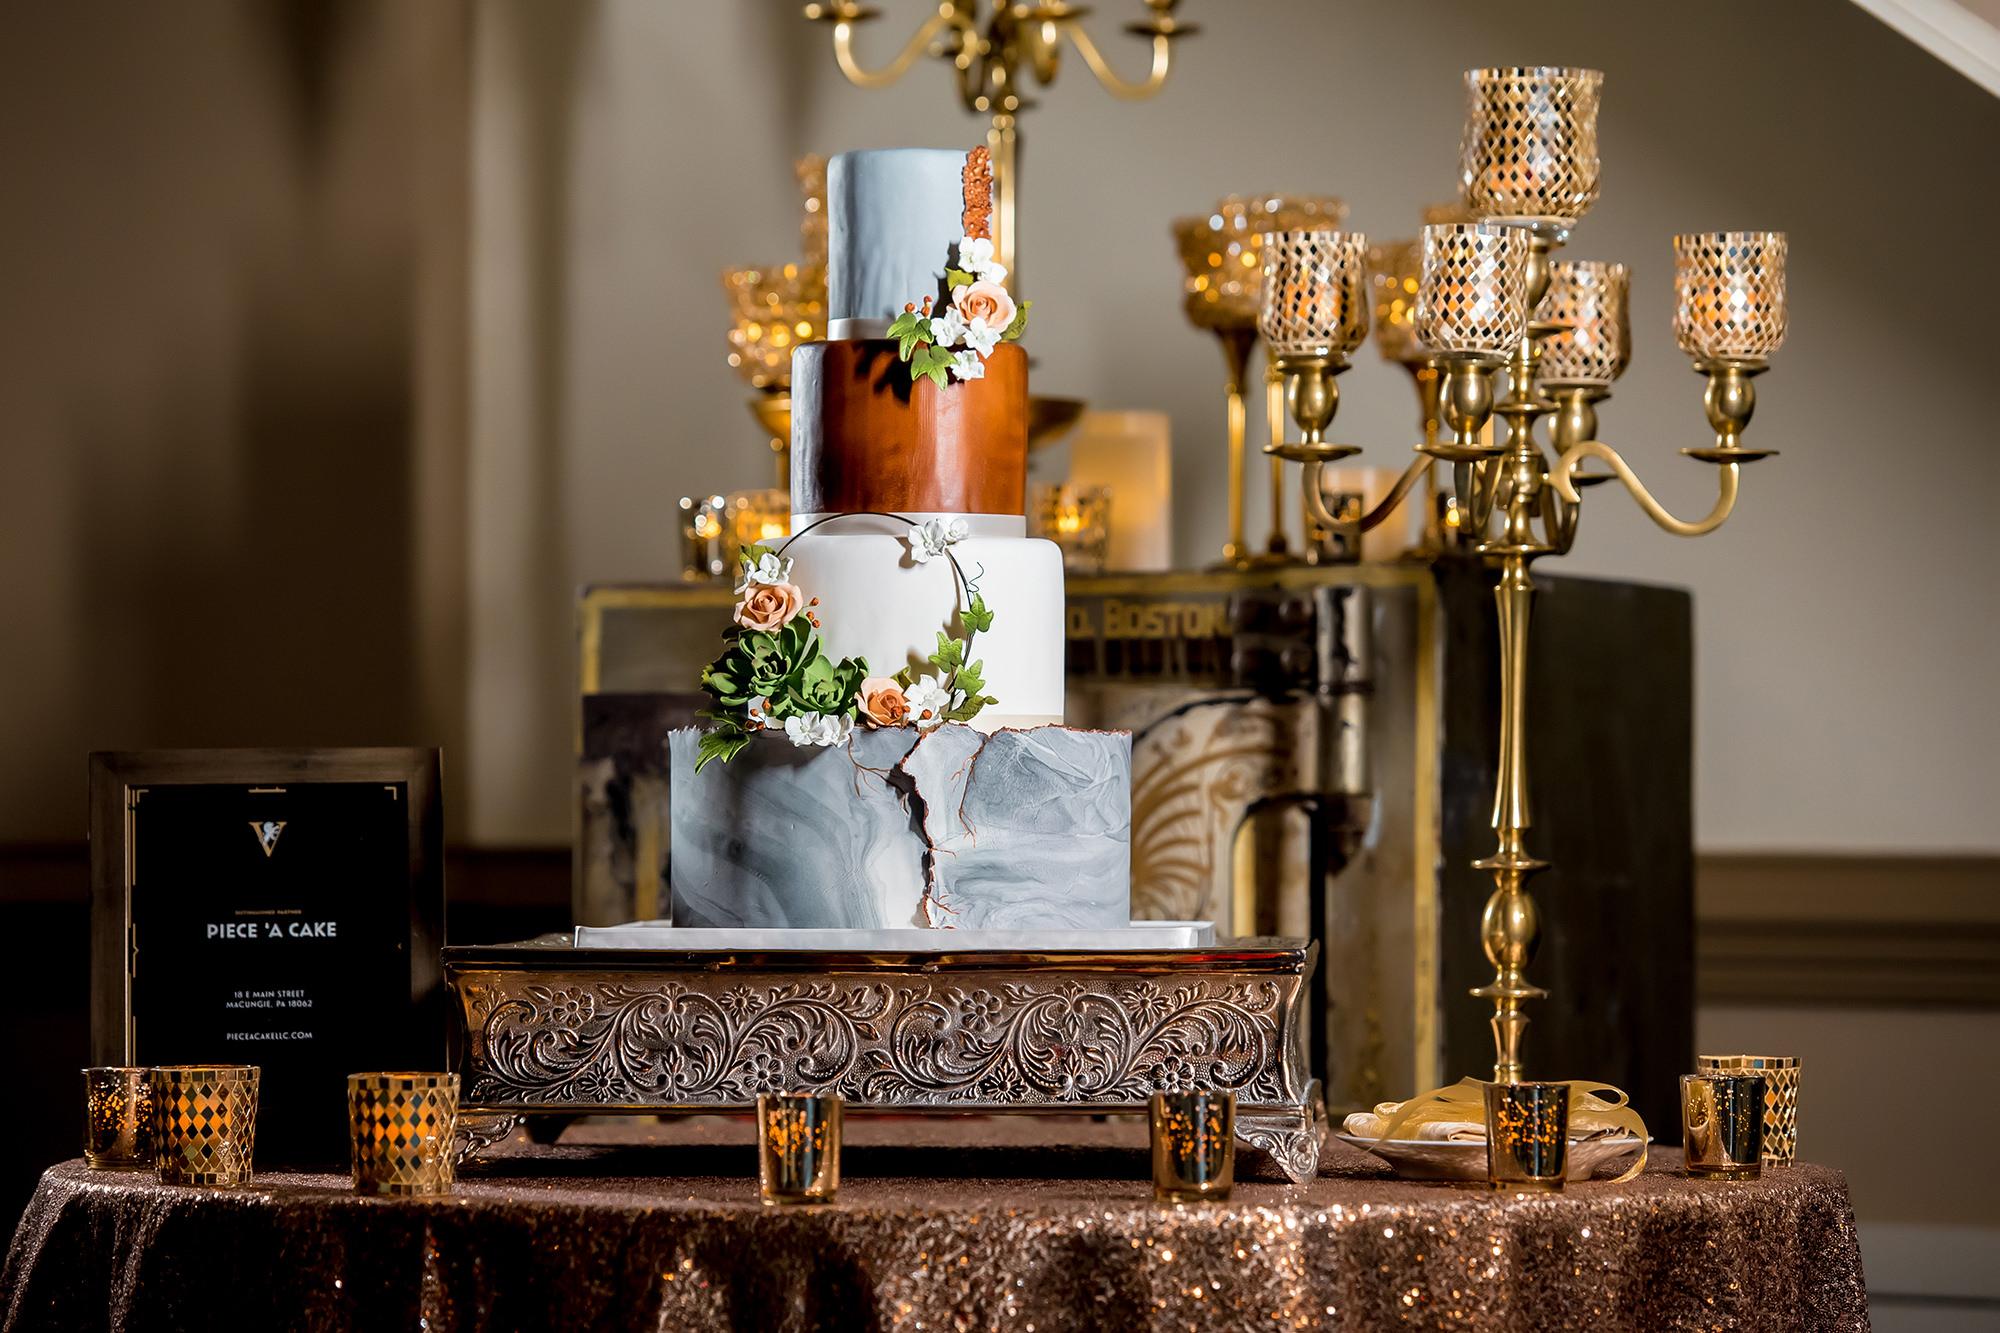 Piece A' Cake Wedding Cake